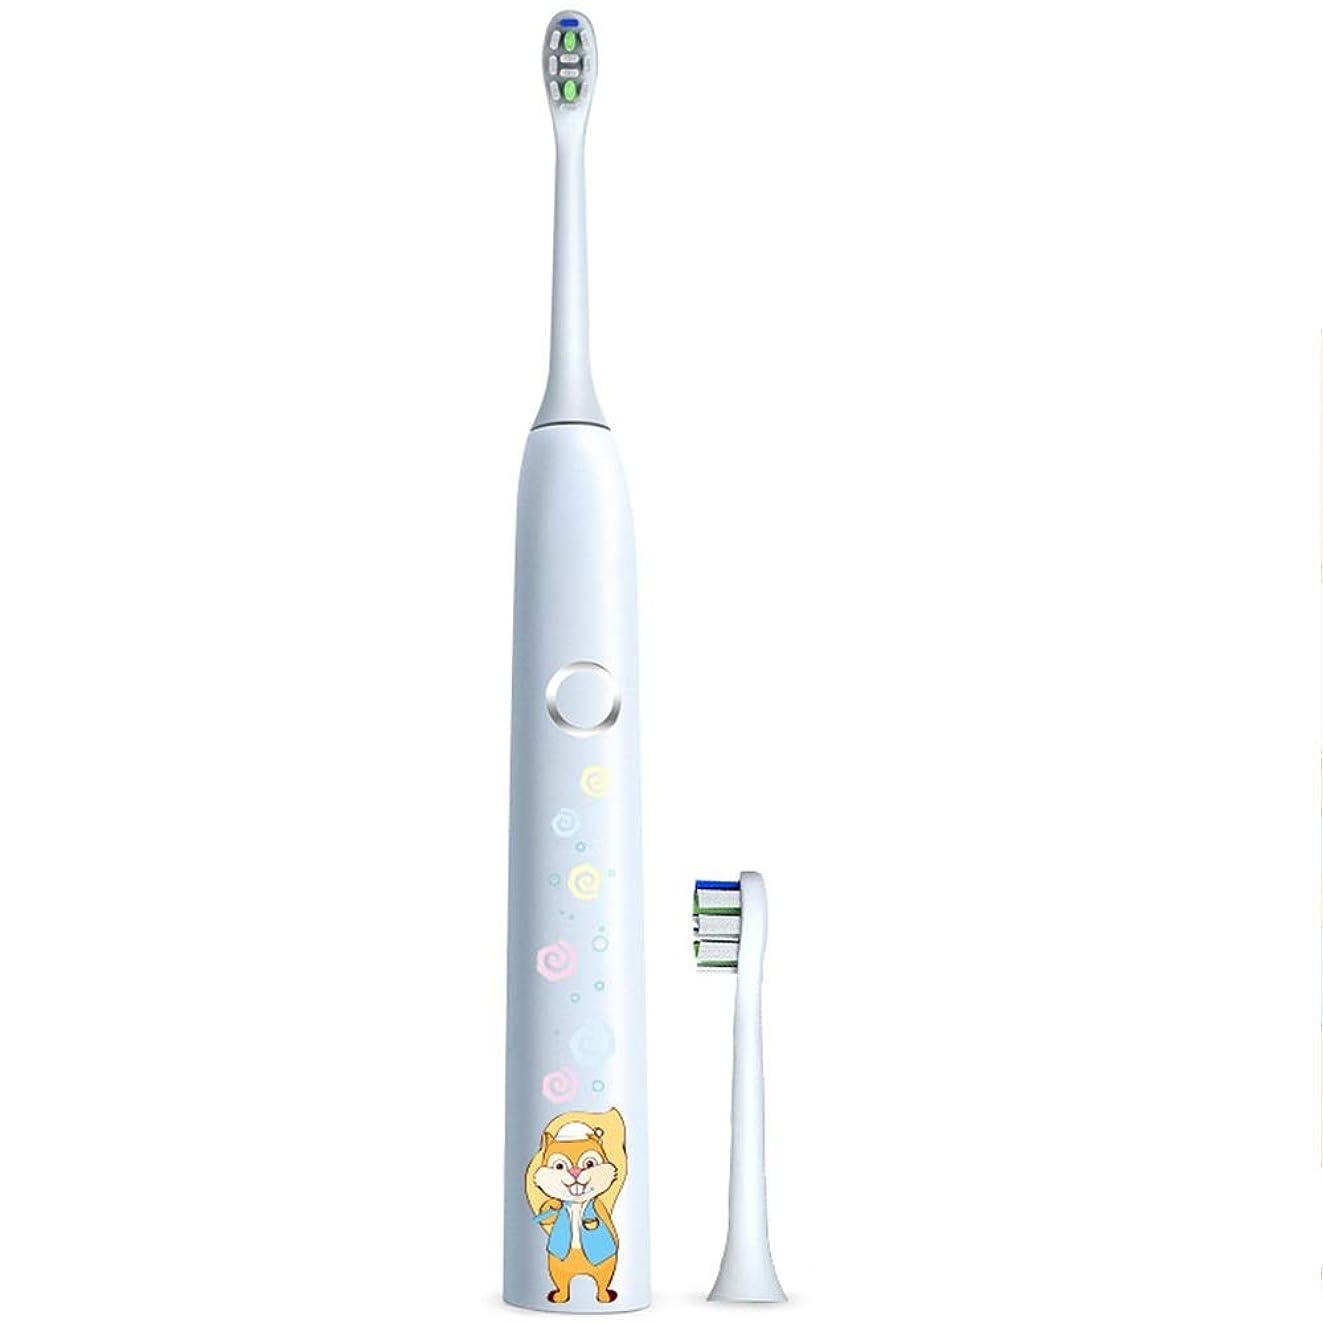 セーブ翻訳する雇った電動歯ブラシ 子供の電動歯ブラシ保護クリーンUSB充電式ソフトヘア歯ブラシ歯医者推奨 ケアー プロテクトクリーン (色 : 白, サイズ : Free size)